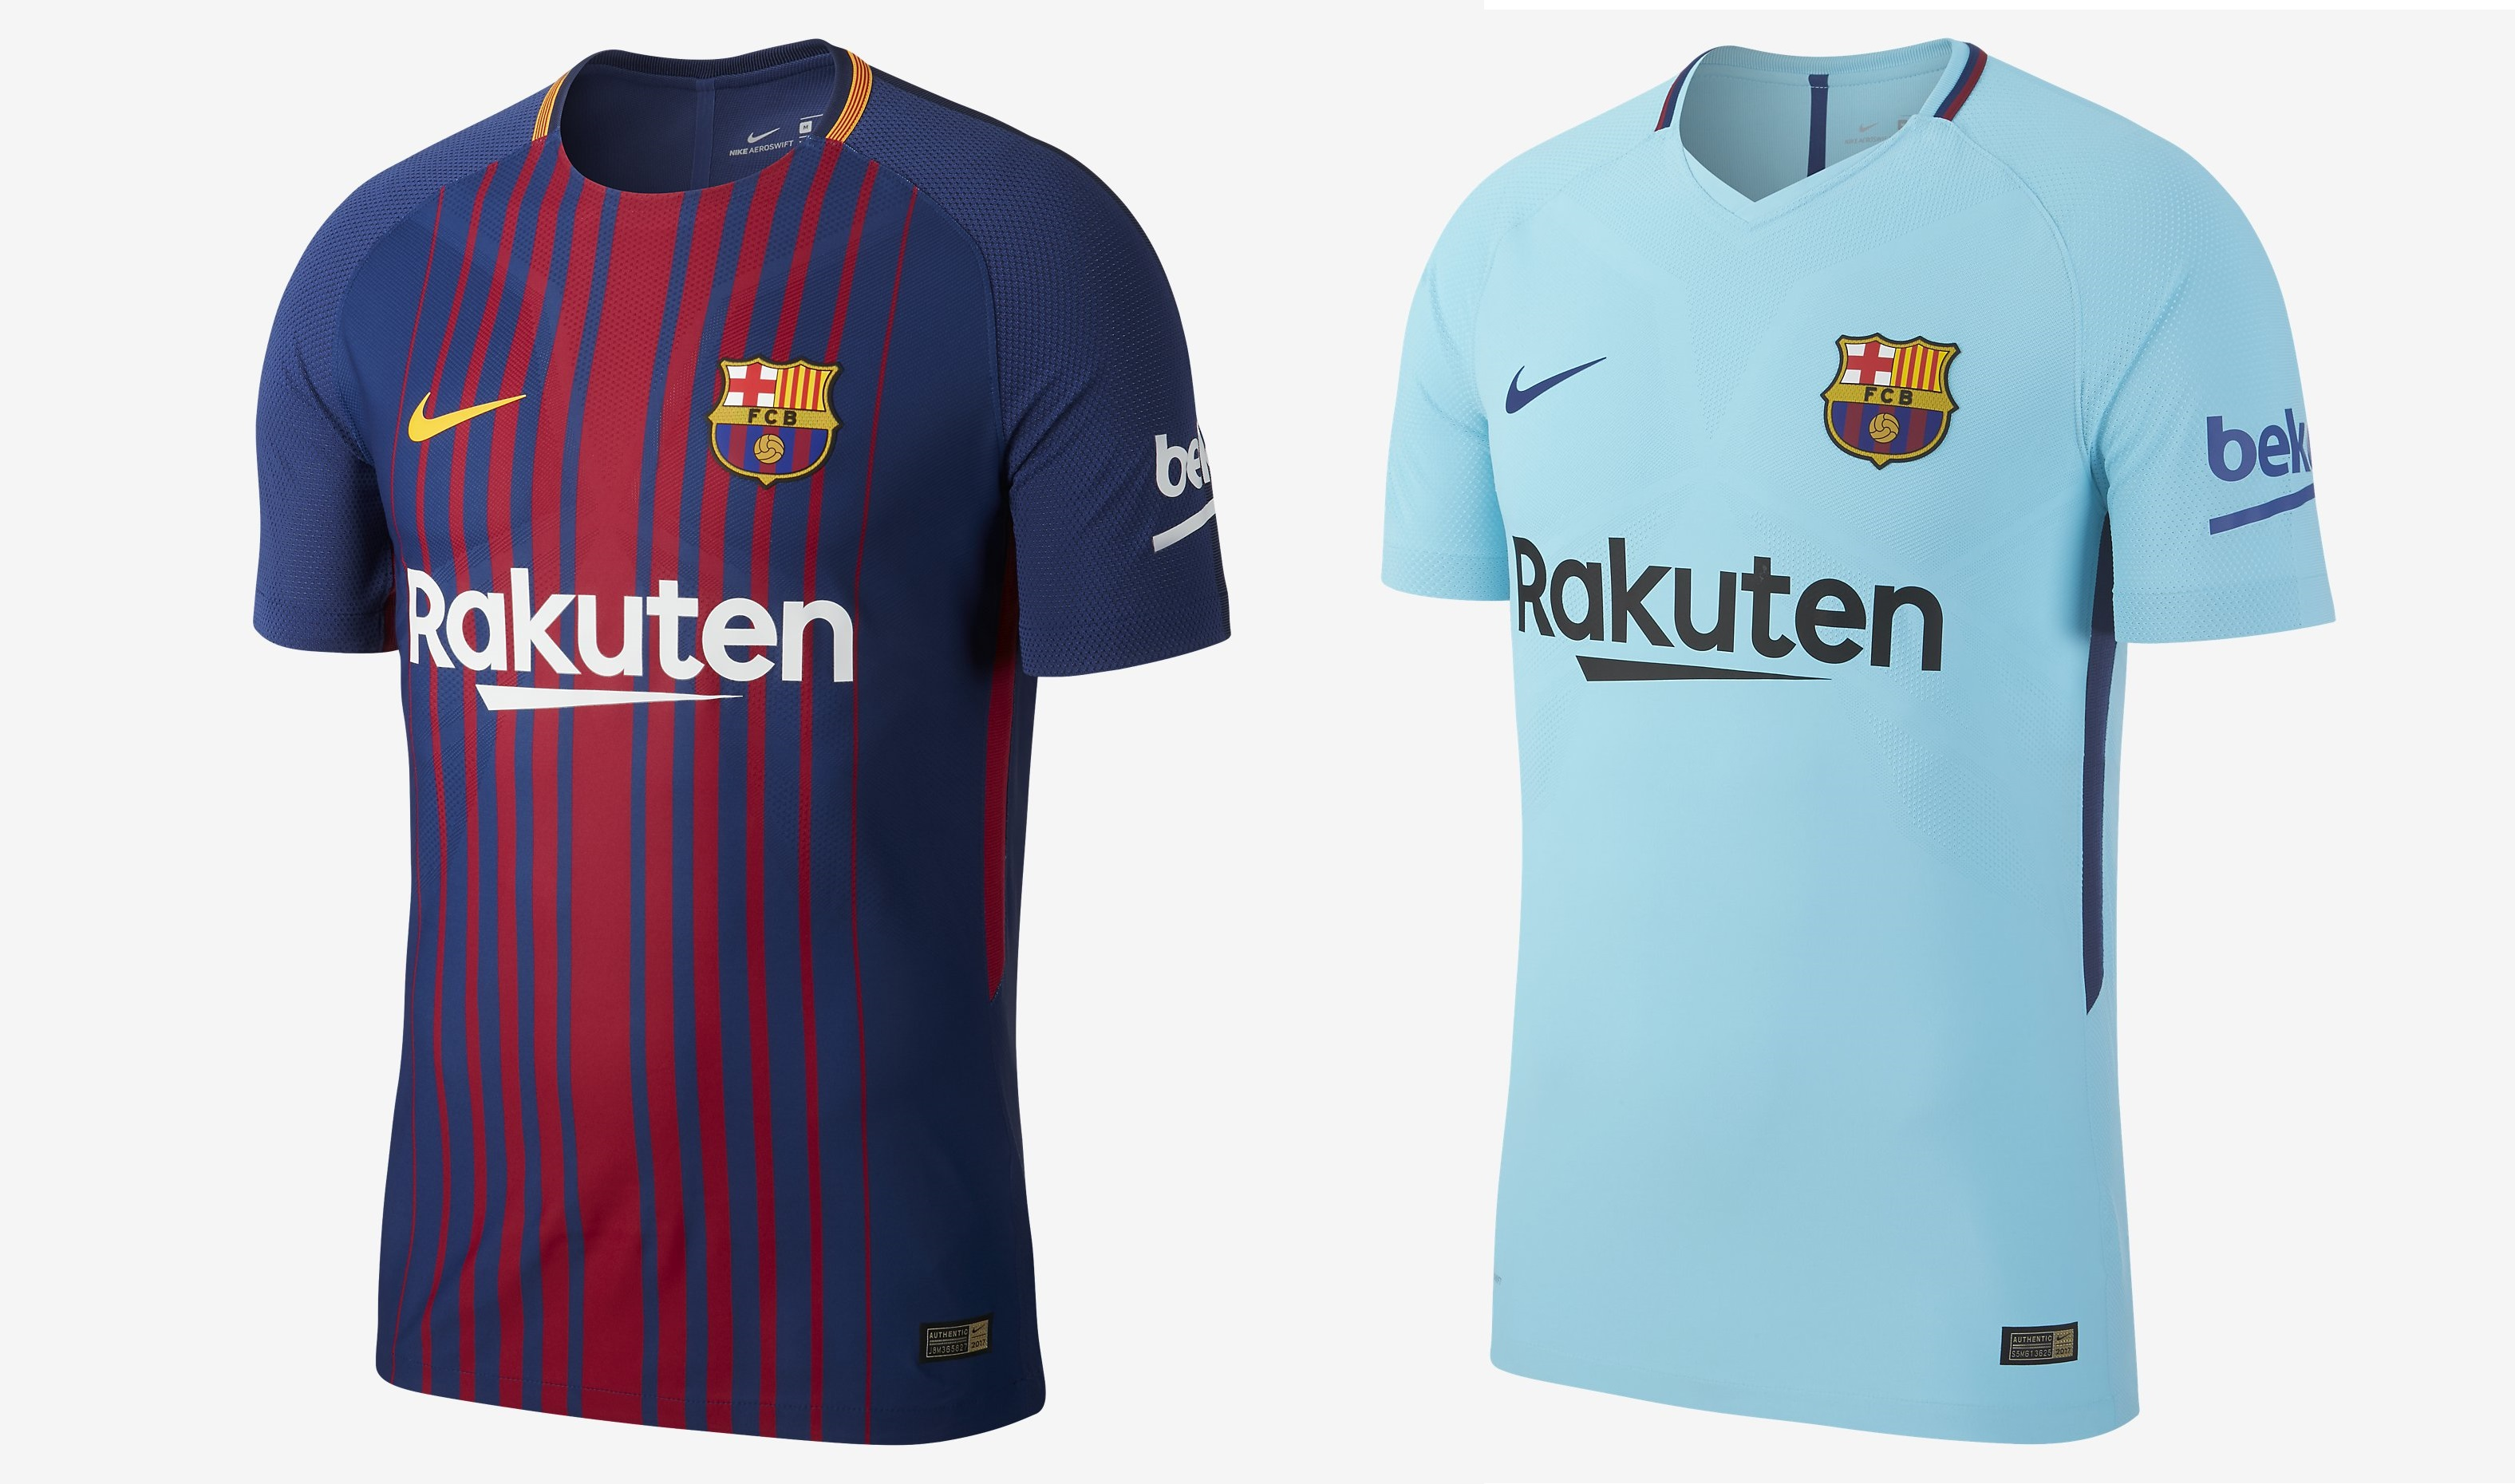 0be983d368a41 Camisetas de fútbol 2017 2018  análisis de las equipaciones de Real ...